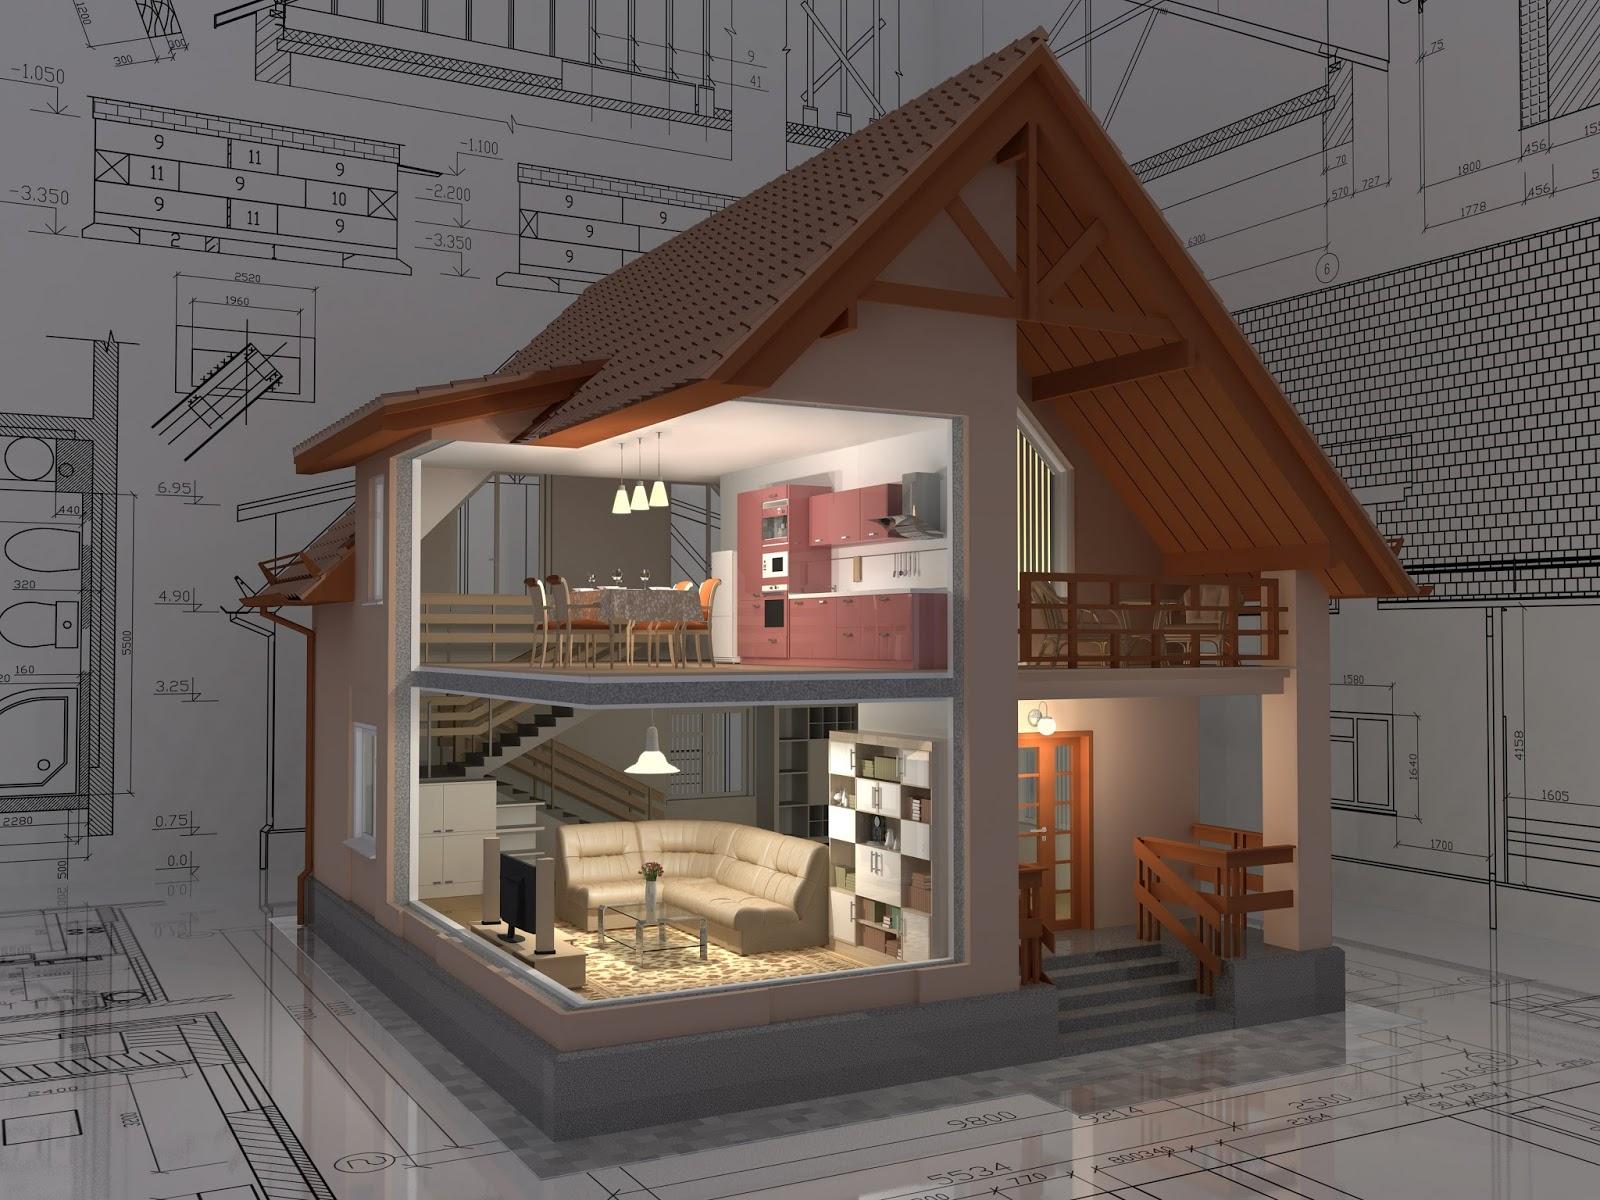 Dom tica a tecnologia est em casa art et decor - Domotica para casa ...